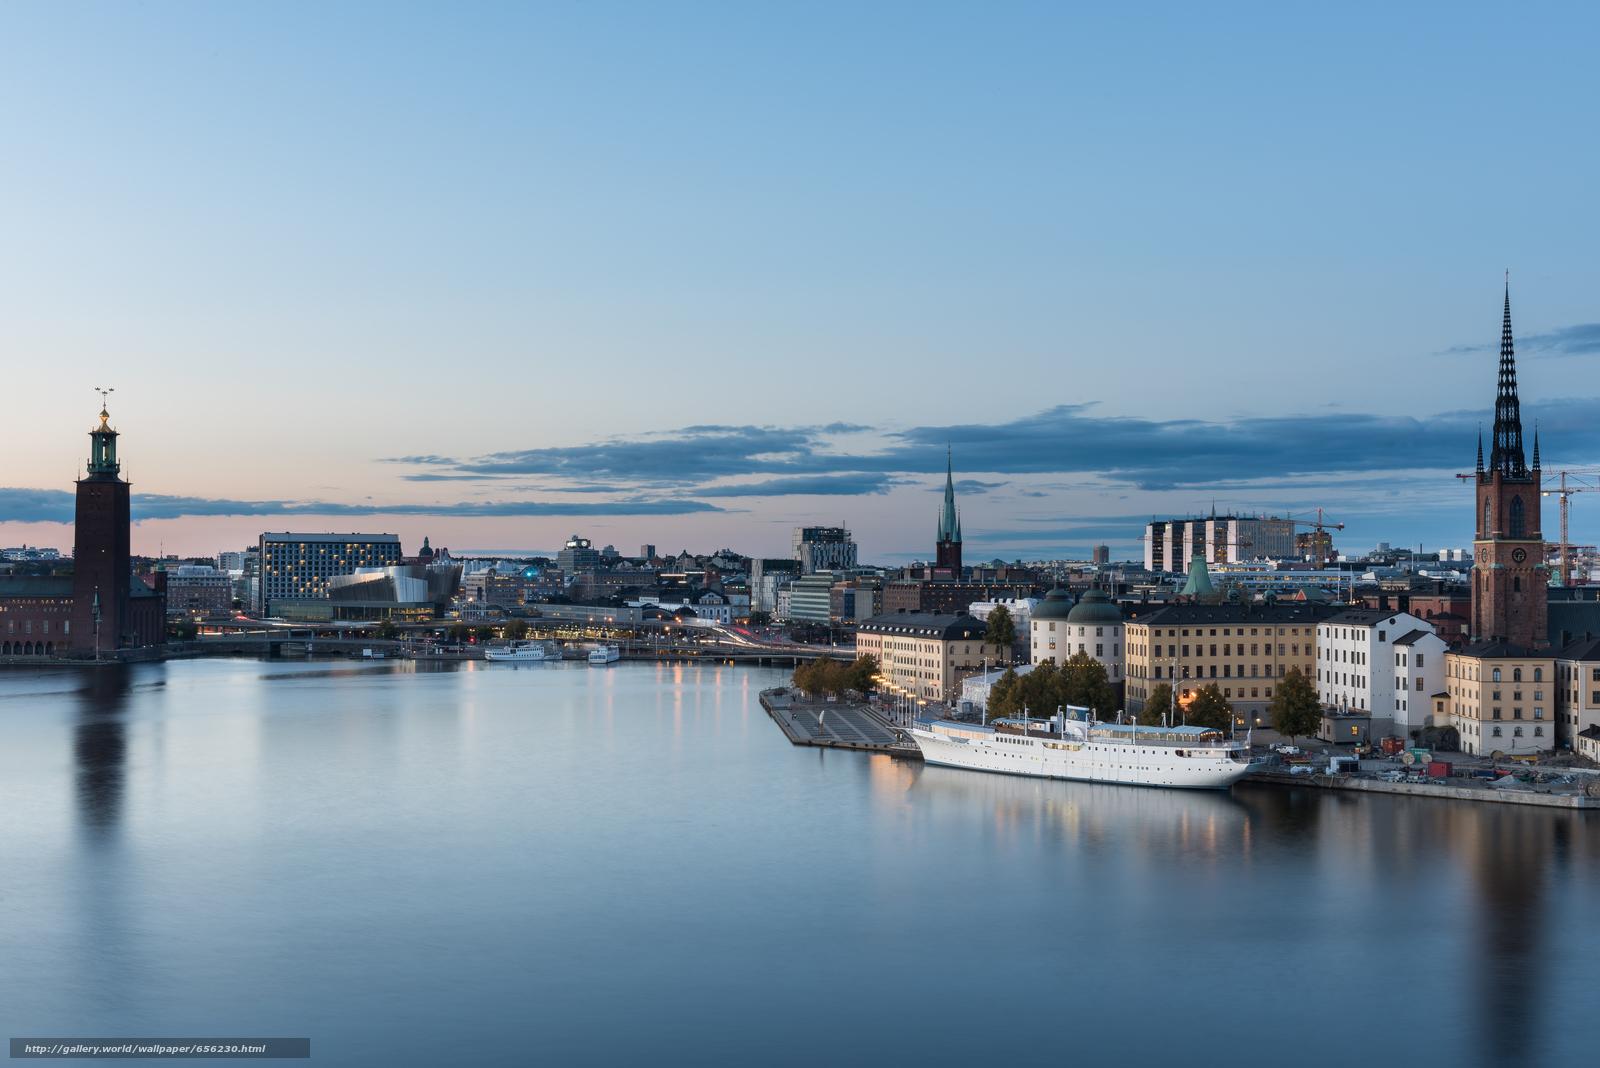 pobra tapety Sztokholm,  Szwecja,  miasto Darmowe tapety na pulpit rozdzielczoci 7360x4912 — zdjcie №656230